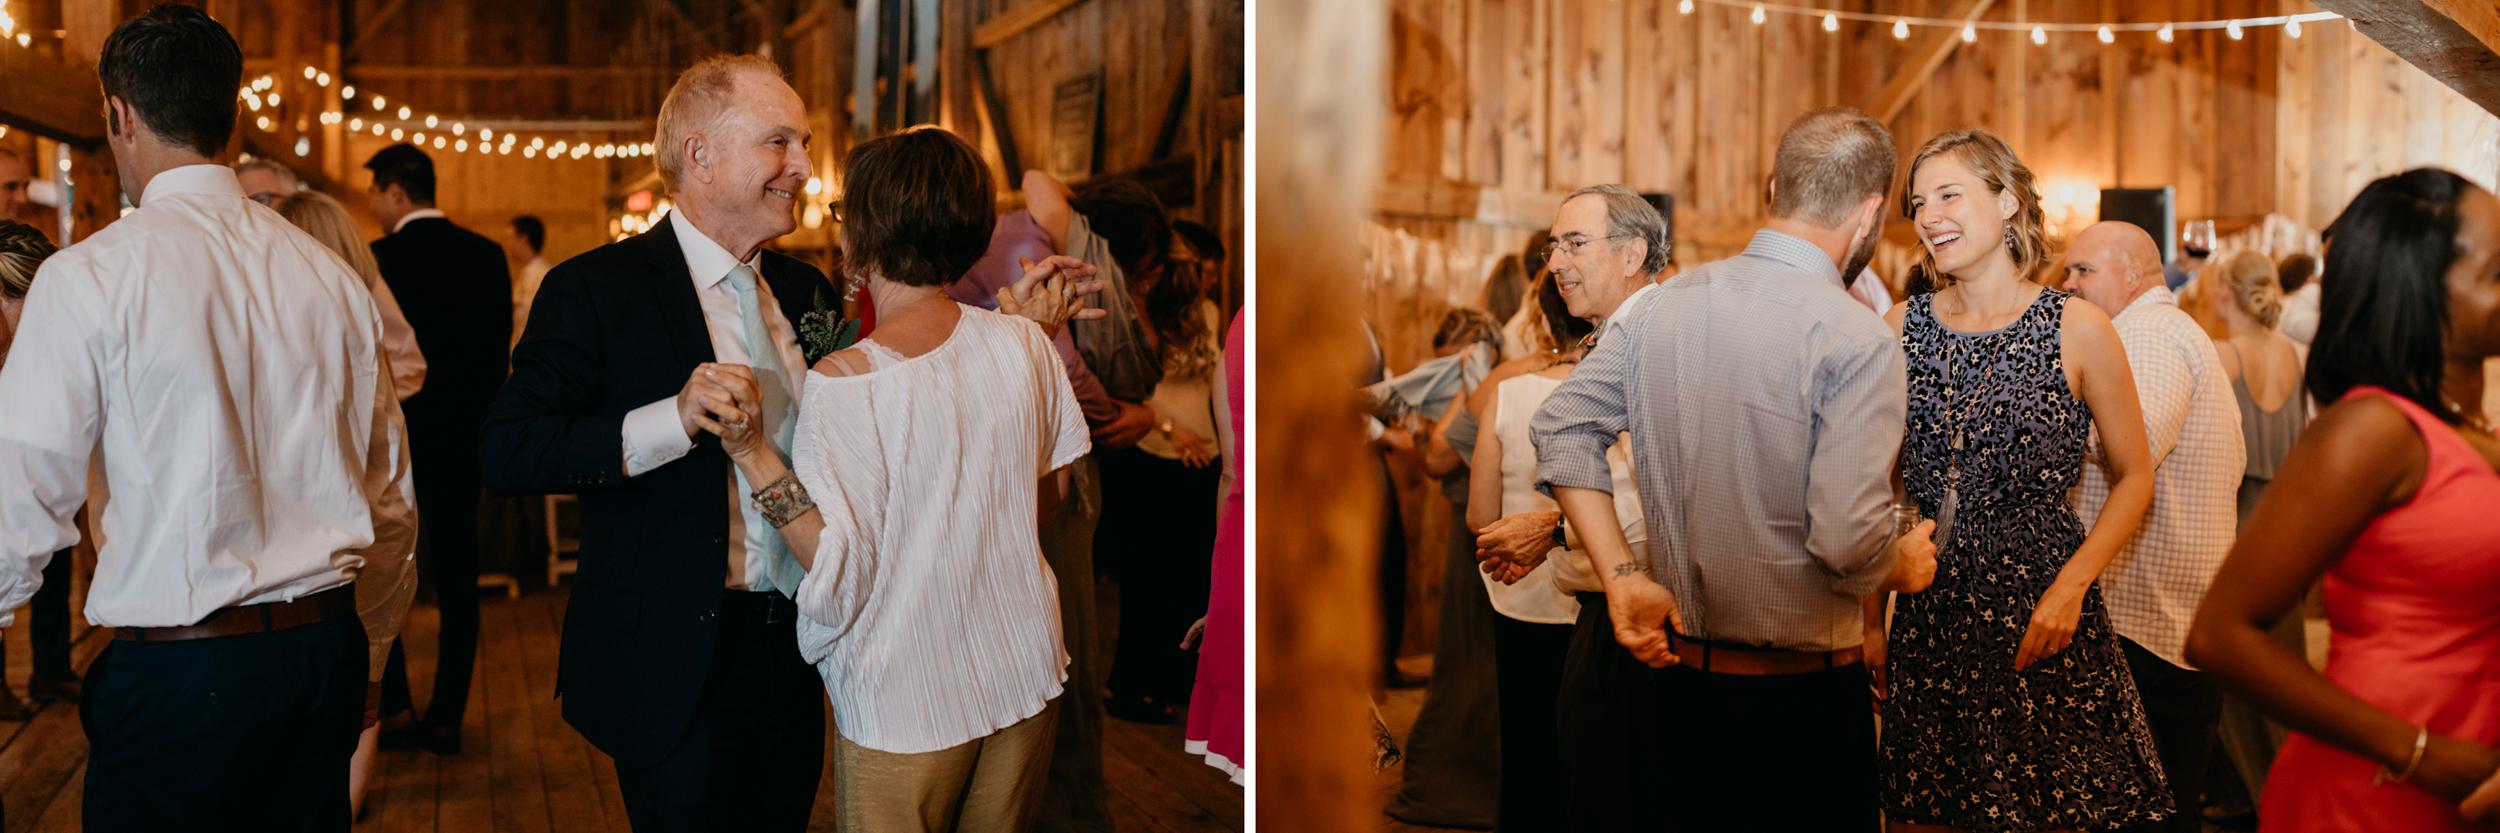 Jessie_Erik_Pownal_Maine_Wedding_William_allen_farm_051.jpg